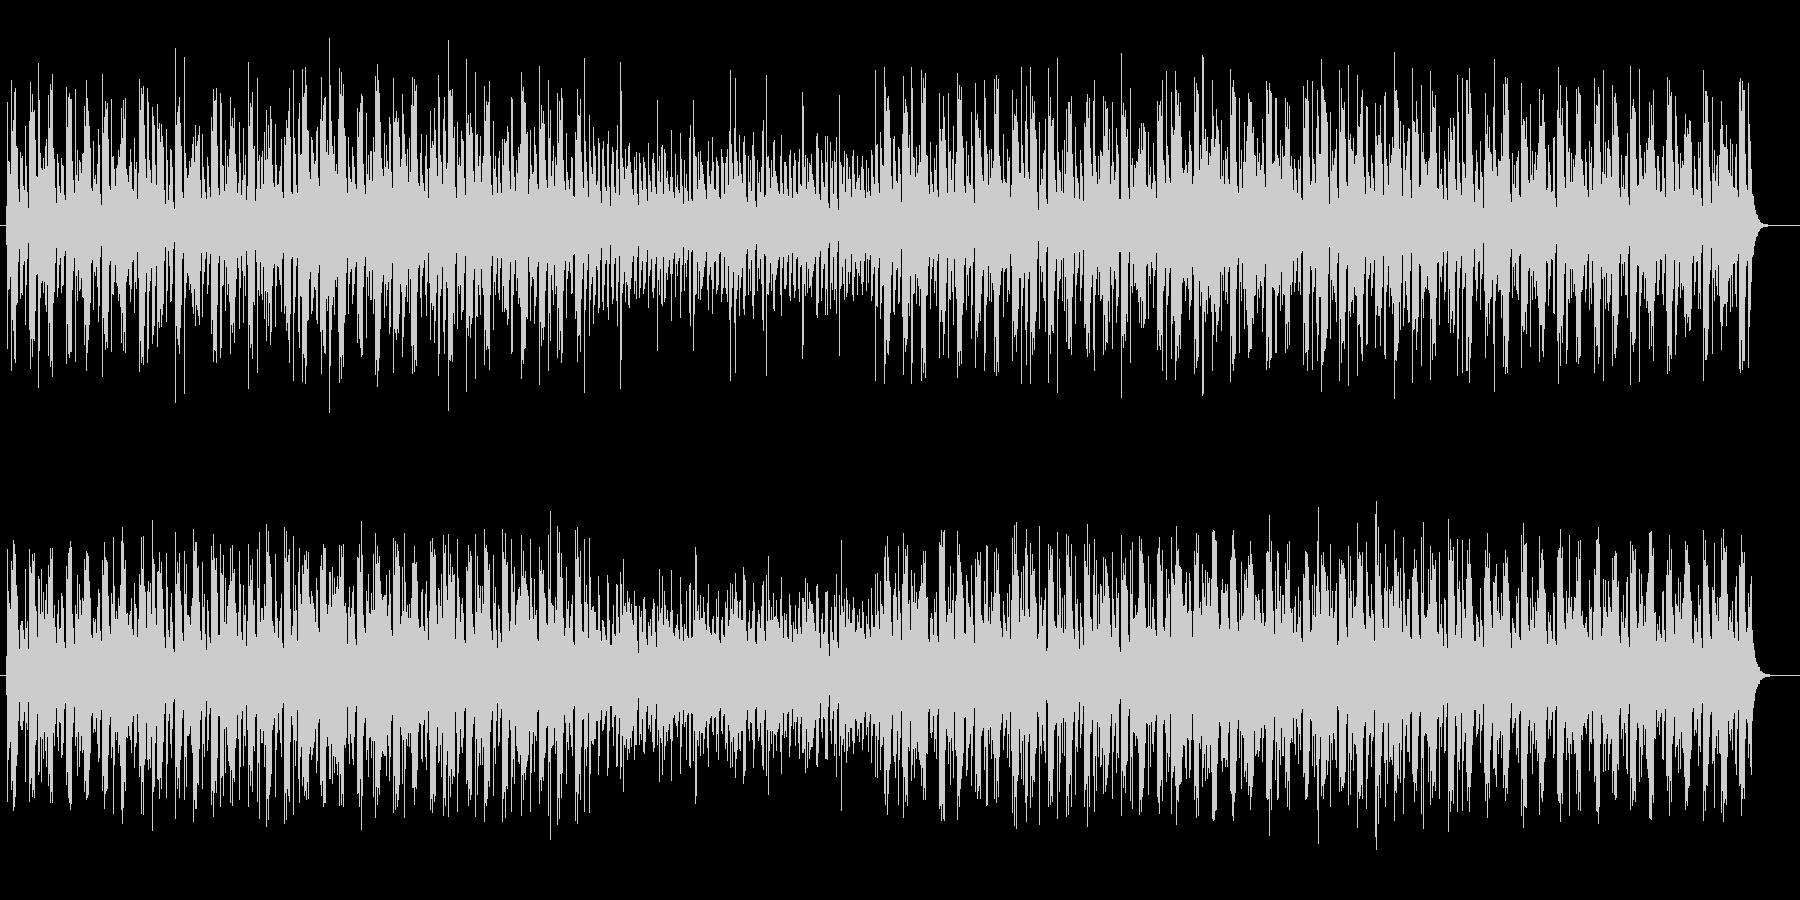 切なく謎めいたミュージックの未再生の波形